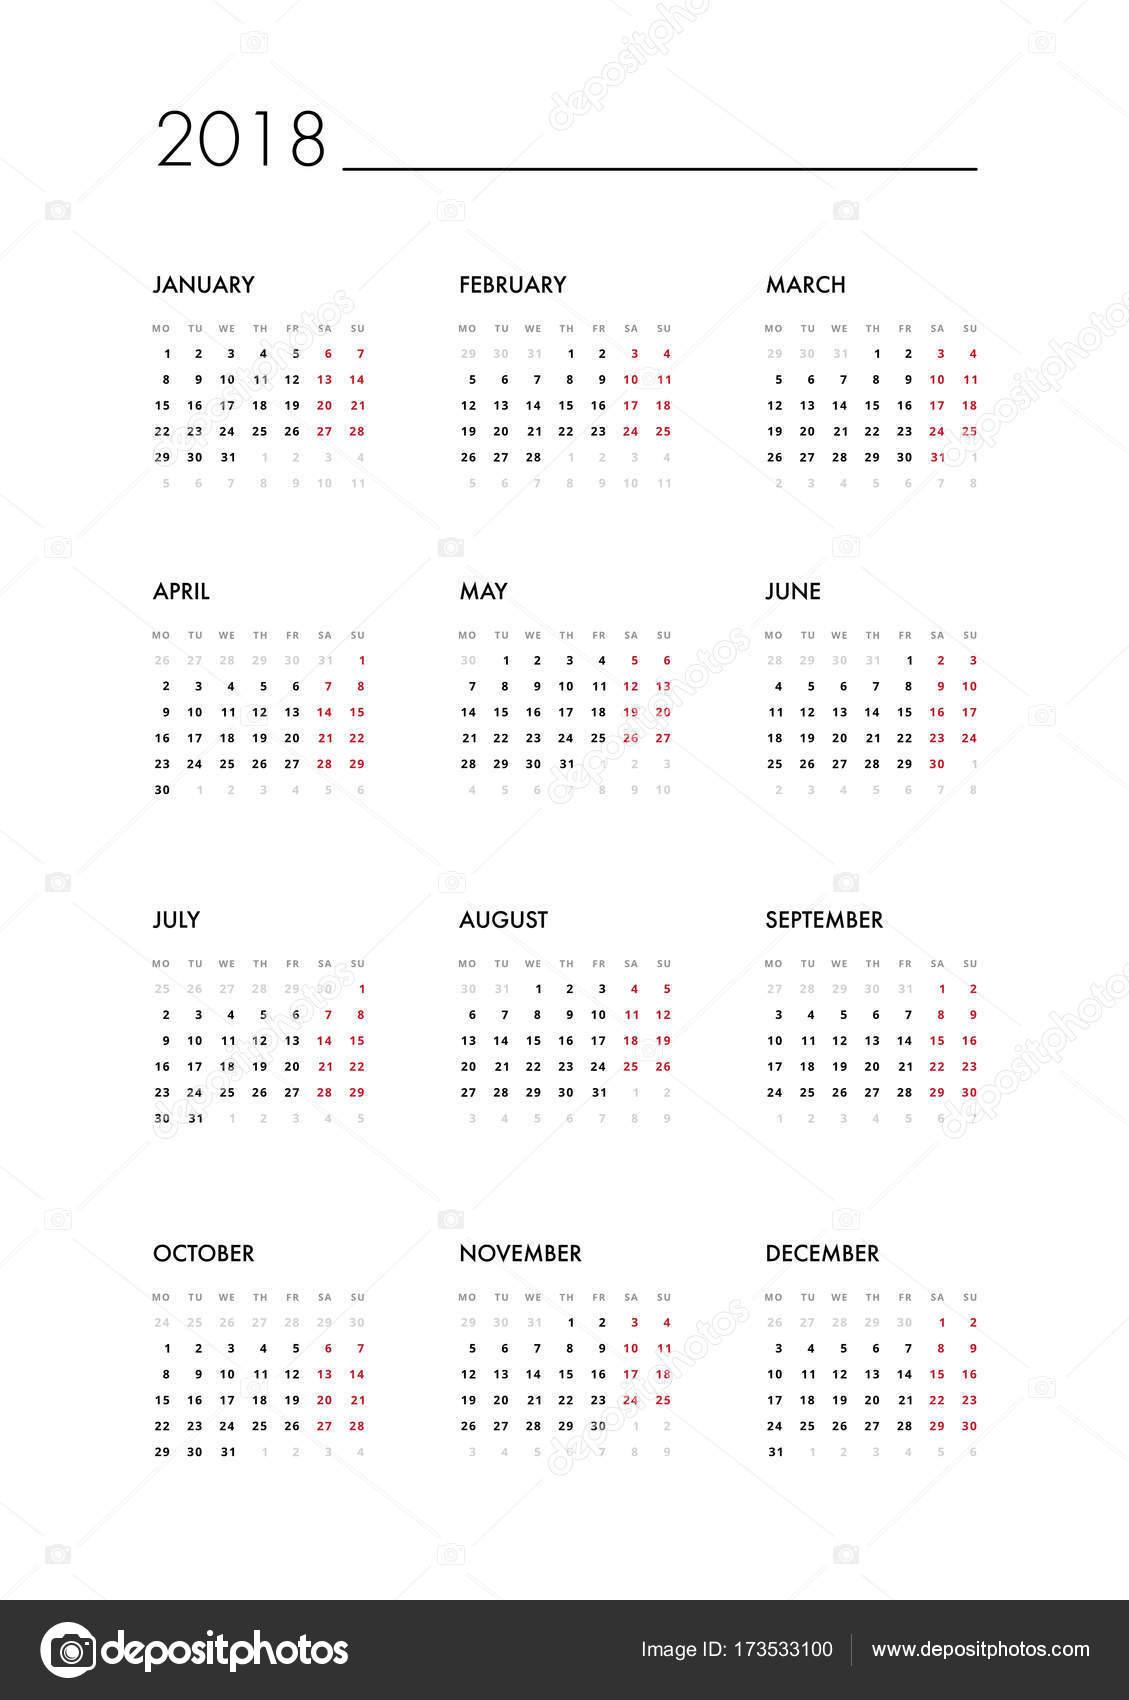 plantilla calendario 2018 — Archivo Imágenes Vectoriales ...